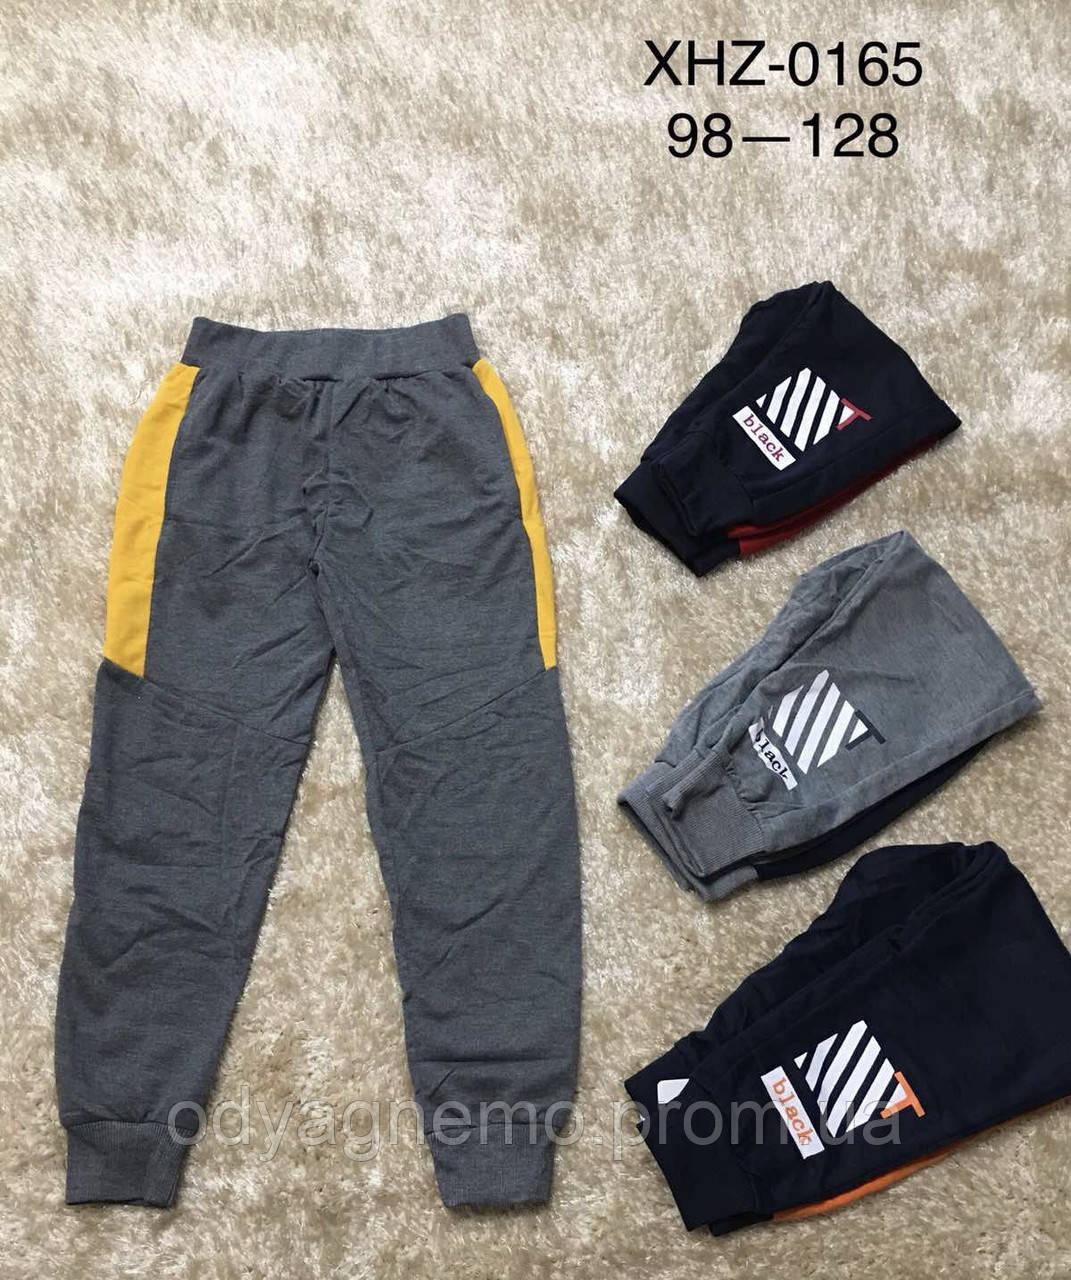 Спортивные брюки для мальчиков Active Sports оптом, 98-128 рр.  Артикул: XHZ0165